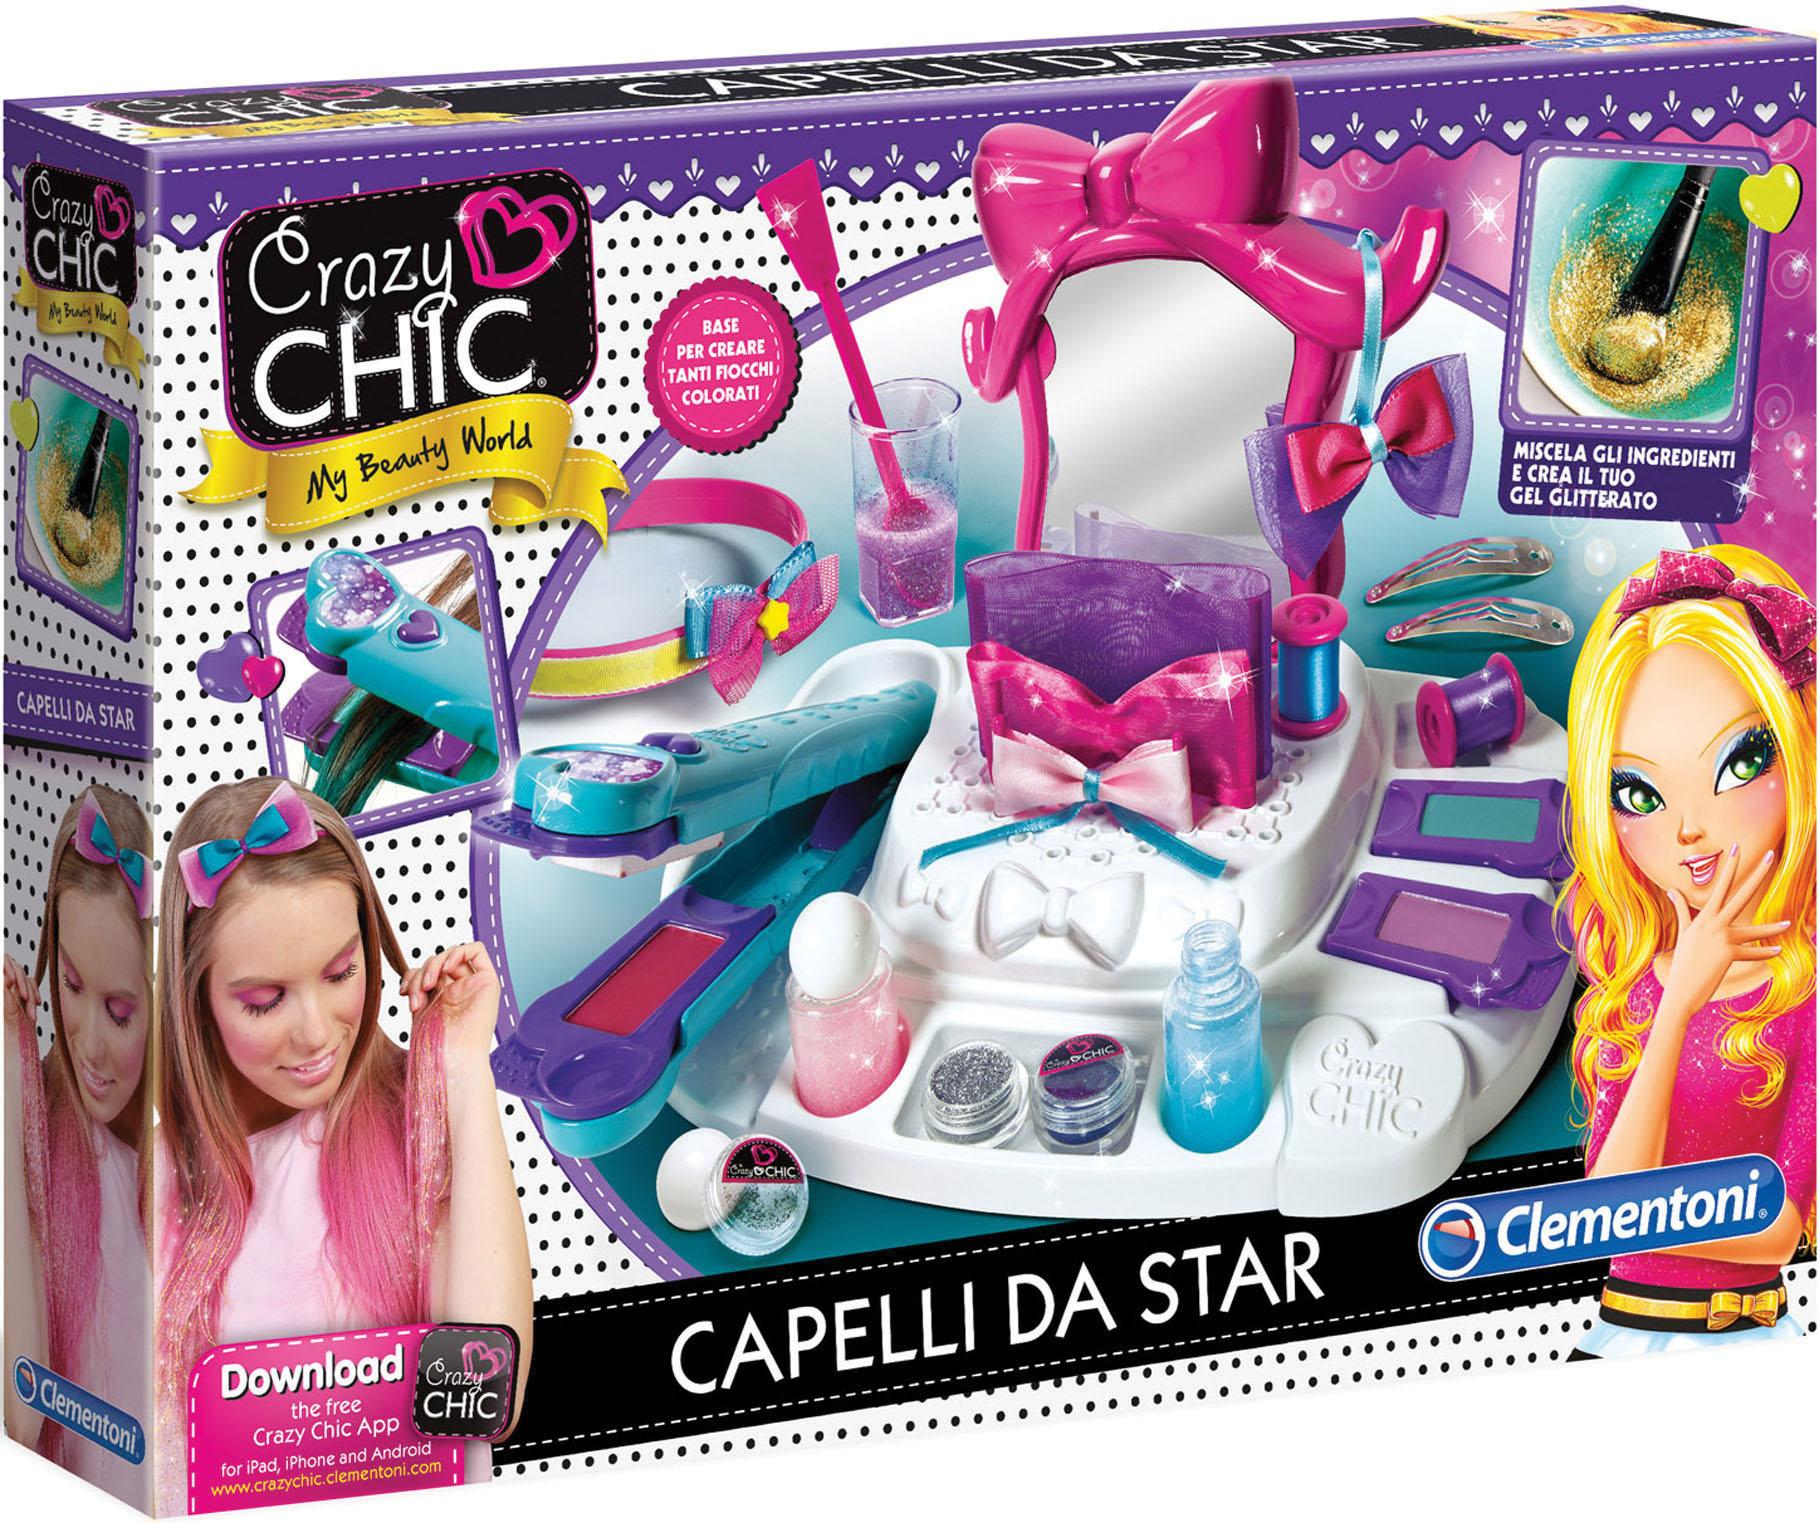 CRAZY CHIC CAPELLI STAR TV